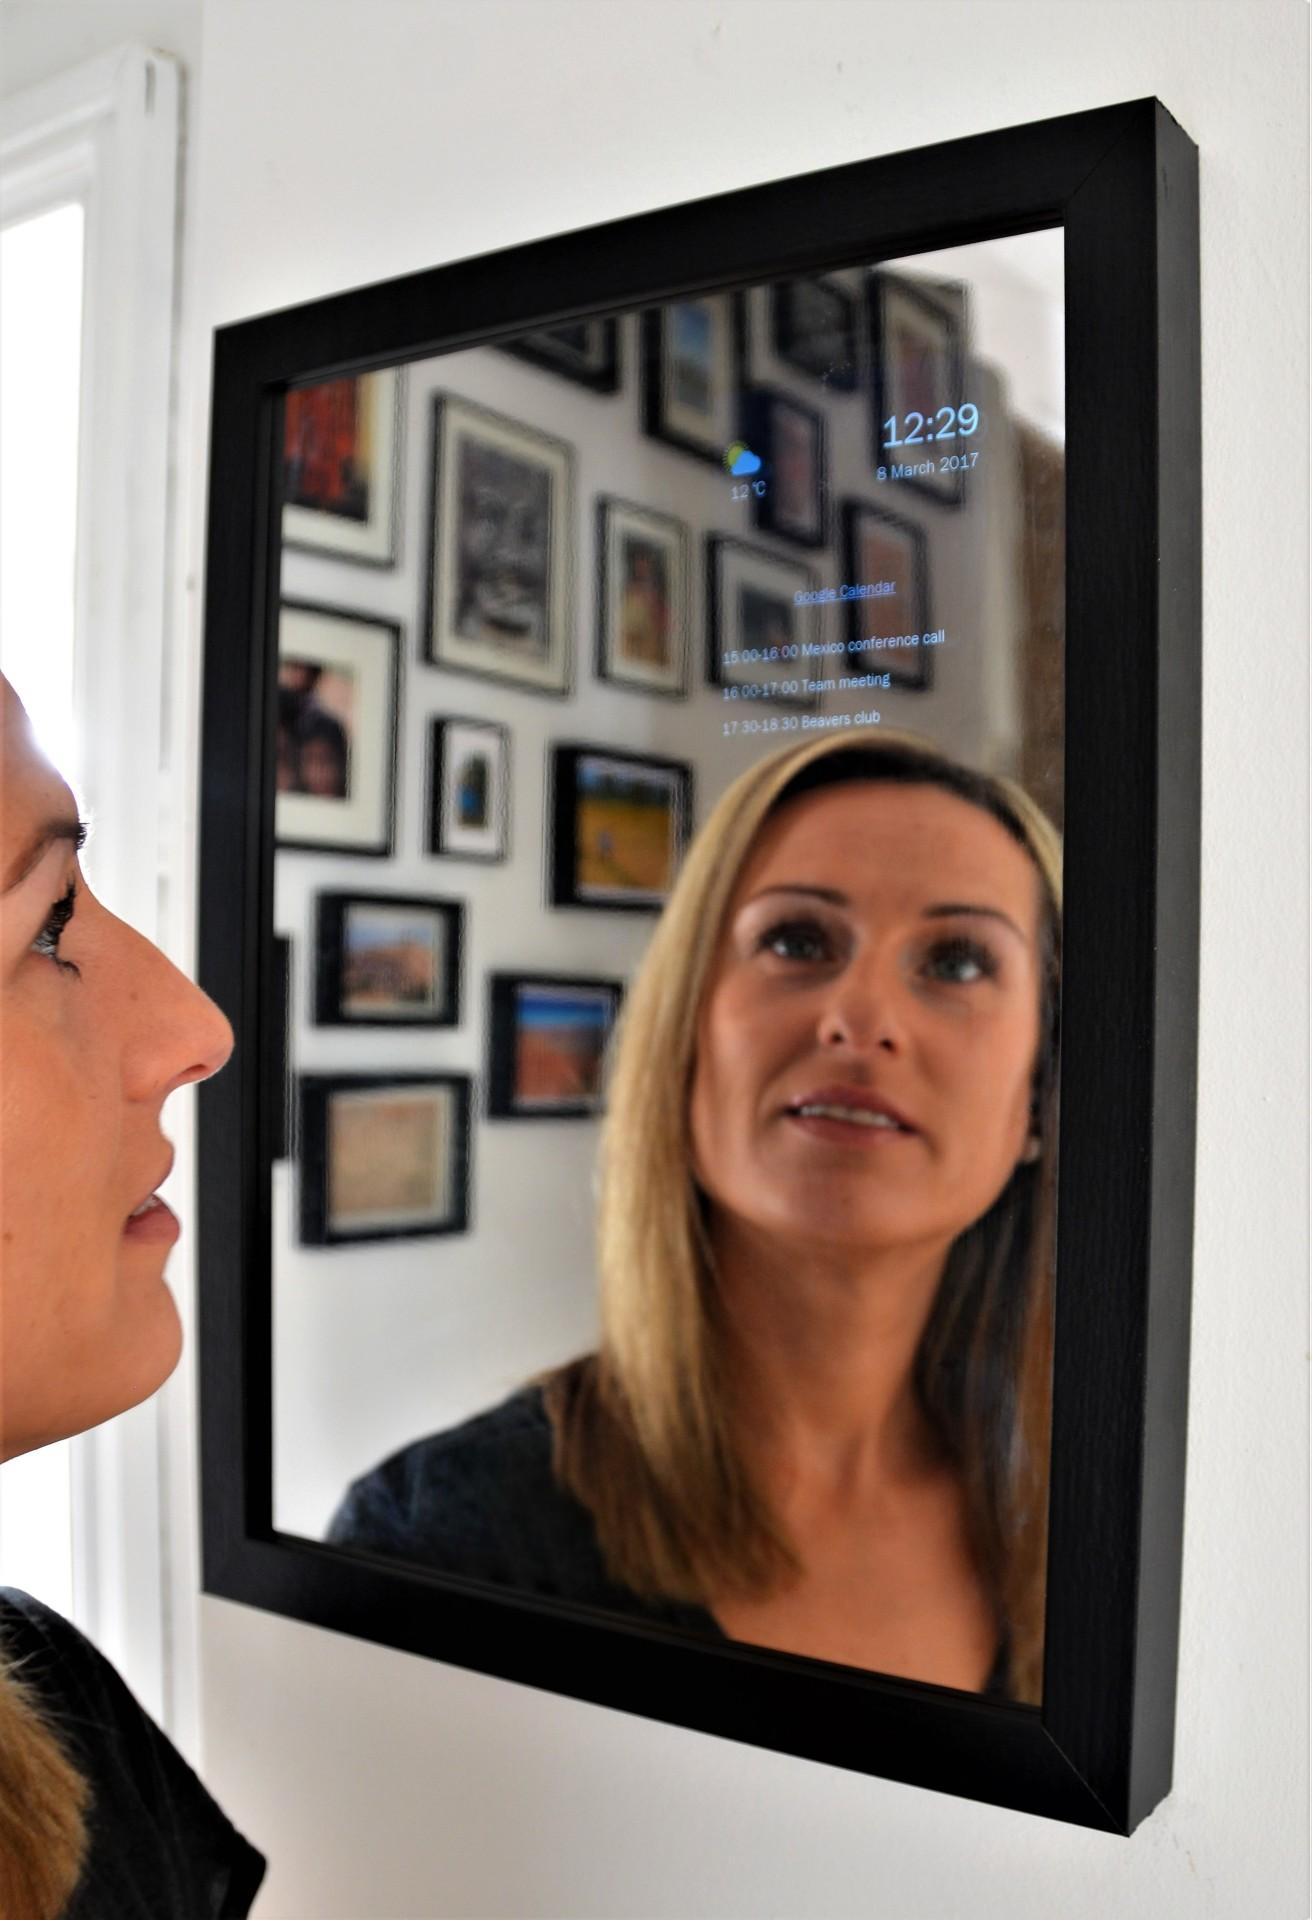 MySmartMirror Smart Mirror Sales